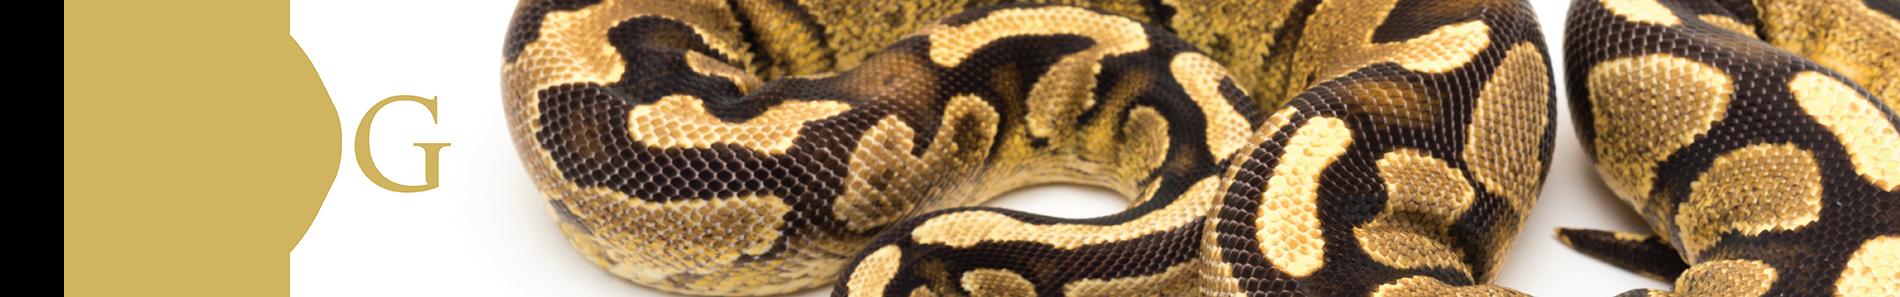 Snake Blog Header